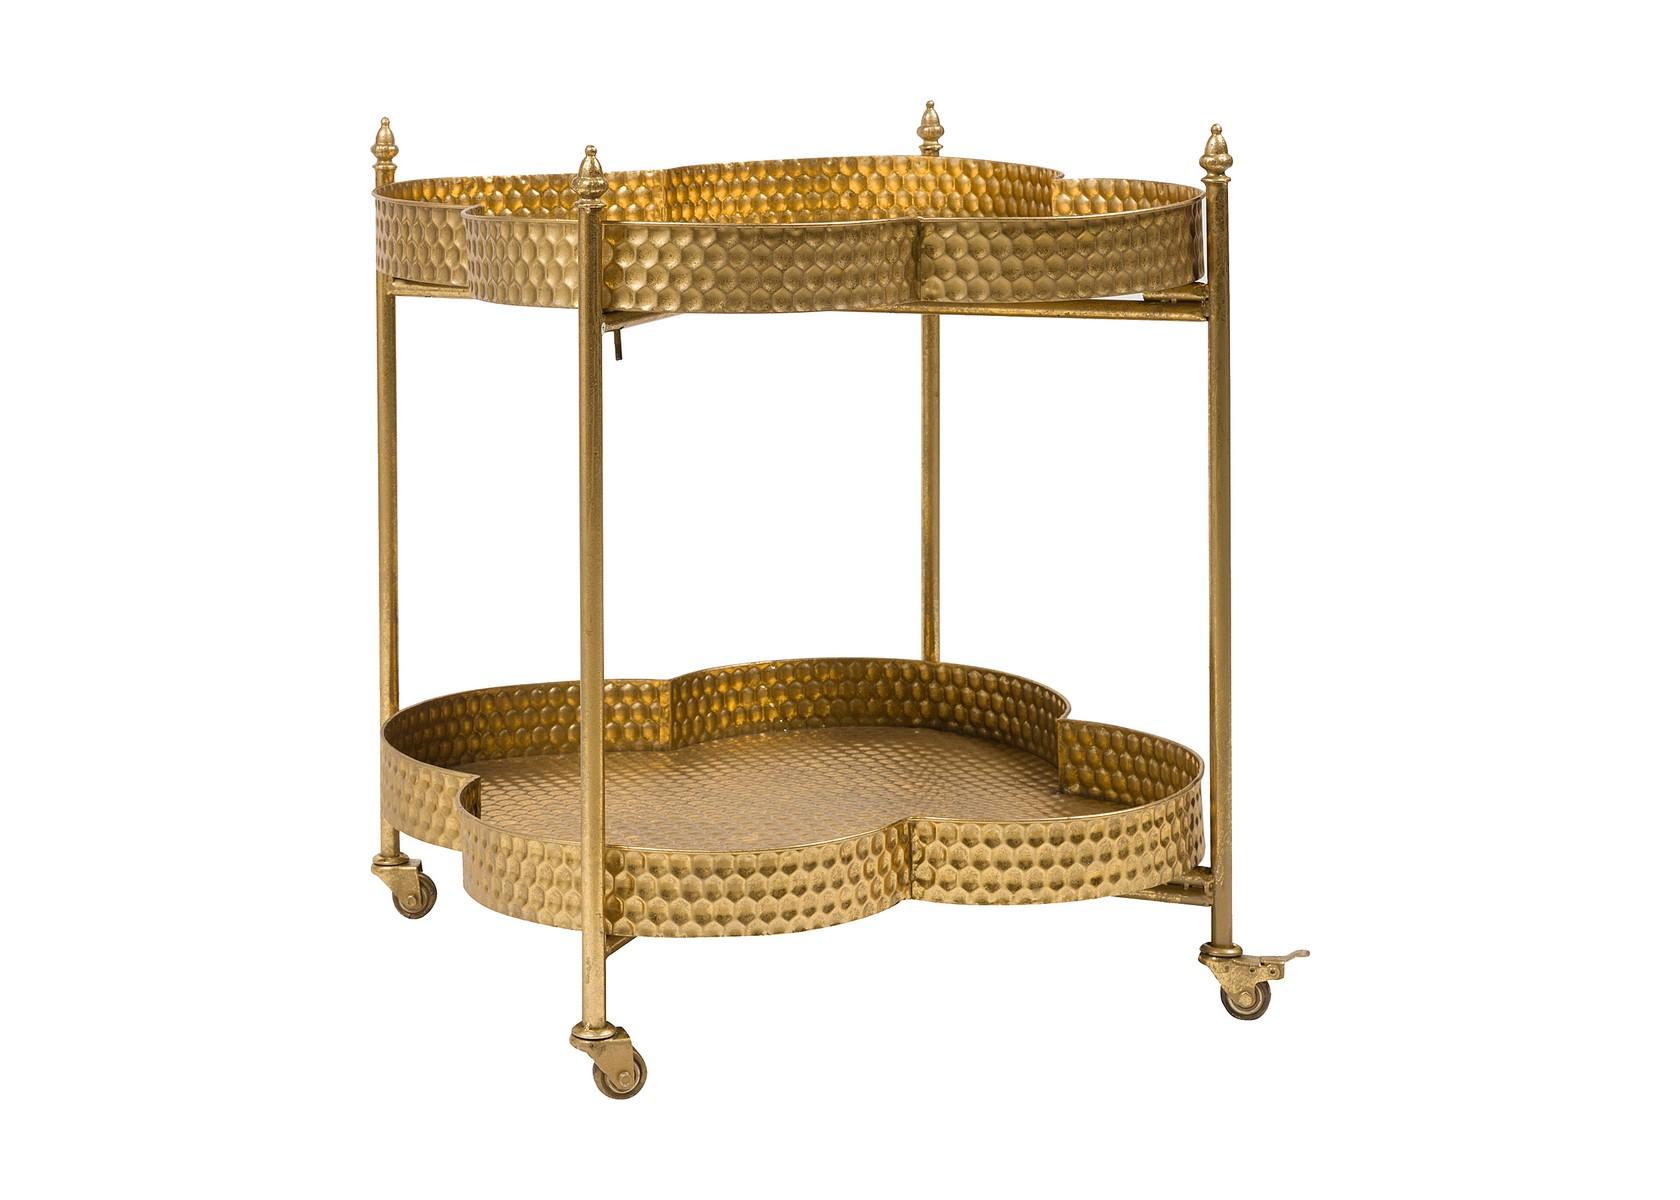 Сервировочный столик CloverСервировочные столики<br><br><br>Material: Металл<br>Width см: 64<br>Depth см: 64<br>Height см: 72